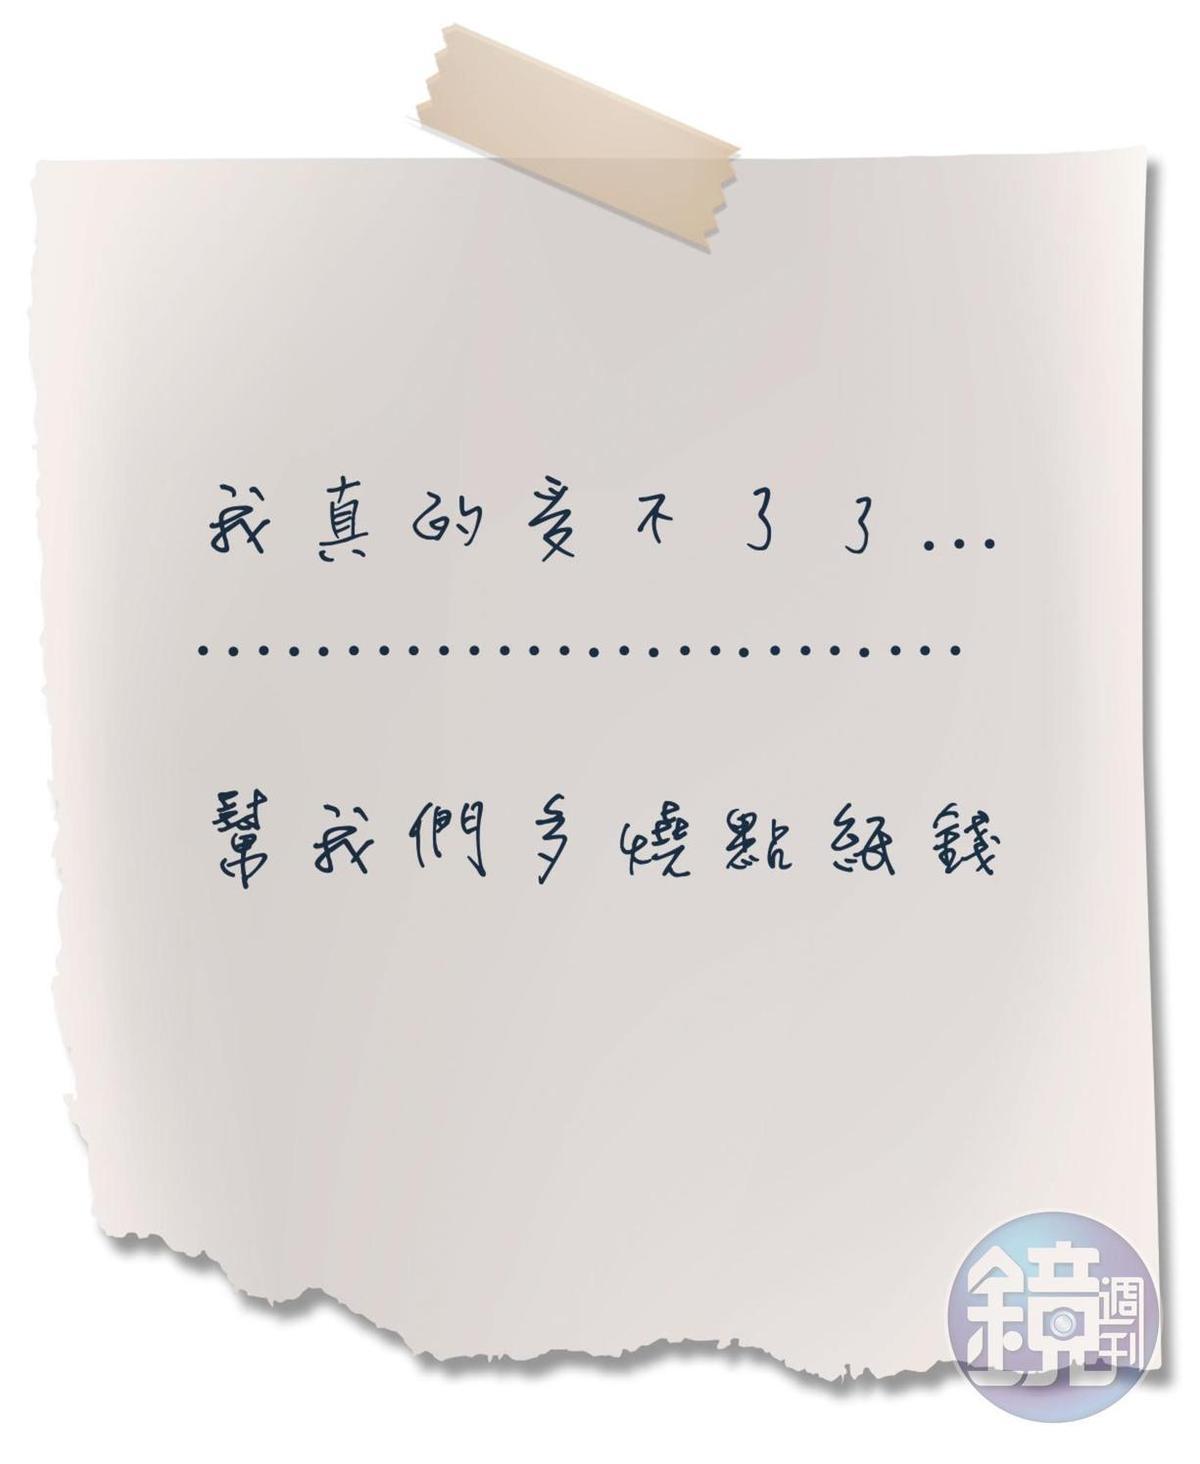 蔡男的遺書提到自己「真的受不了了」,期望兄姊能多燒點紙錢,讓他們一路好走。(設計畫面)